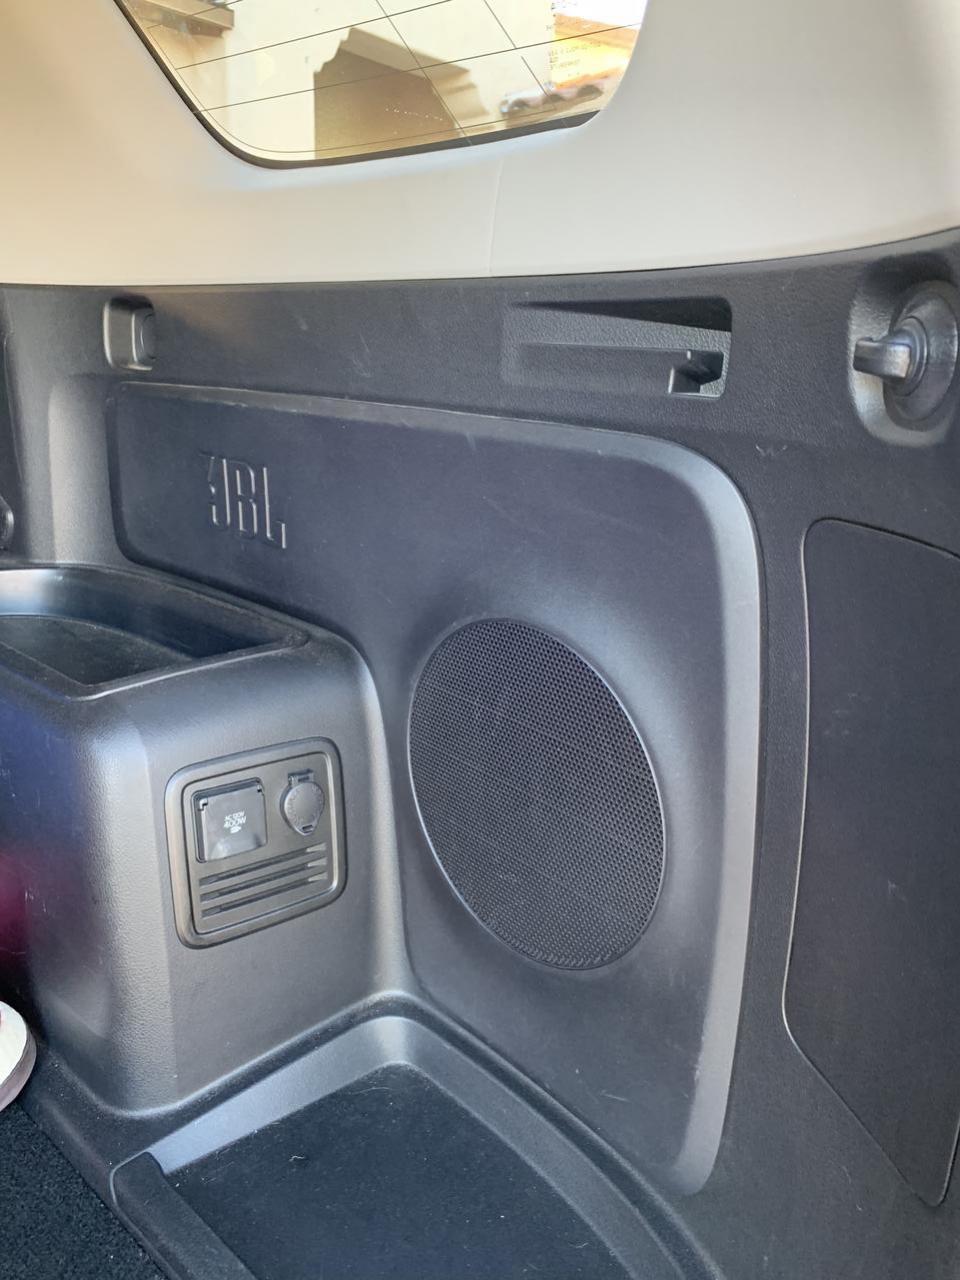 WTB rear JBL speaker cover-71ba6f60-78c1-444d-a8ee-7de421ba22ba-jpg